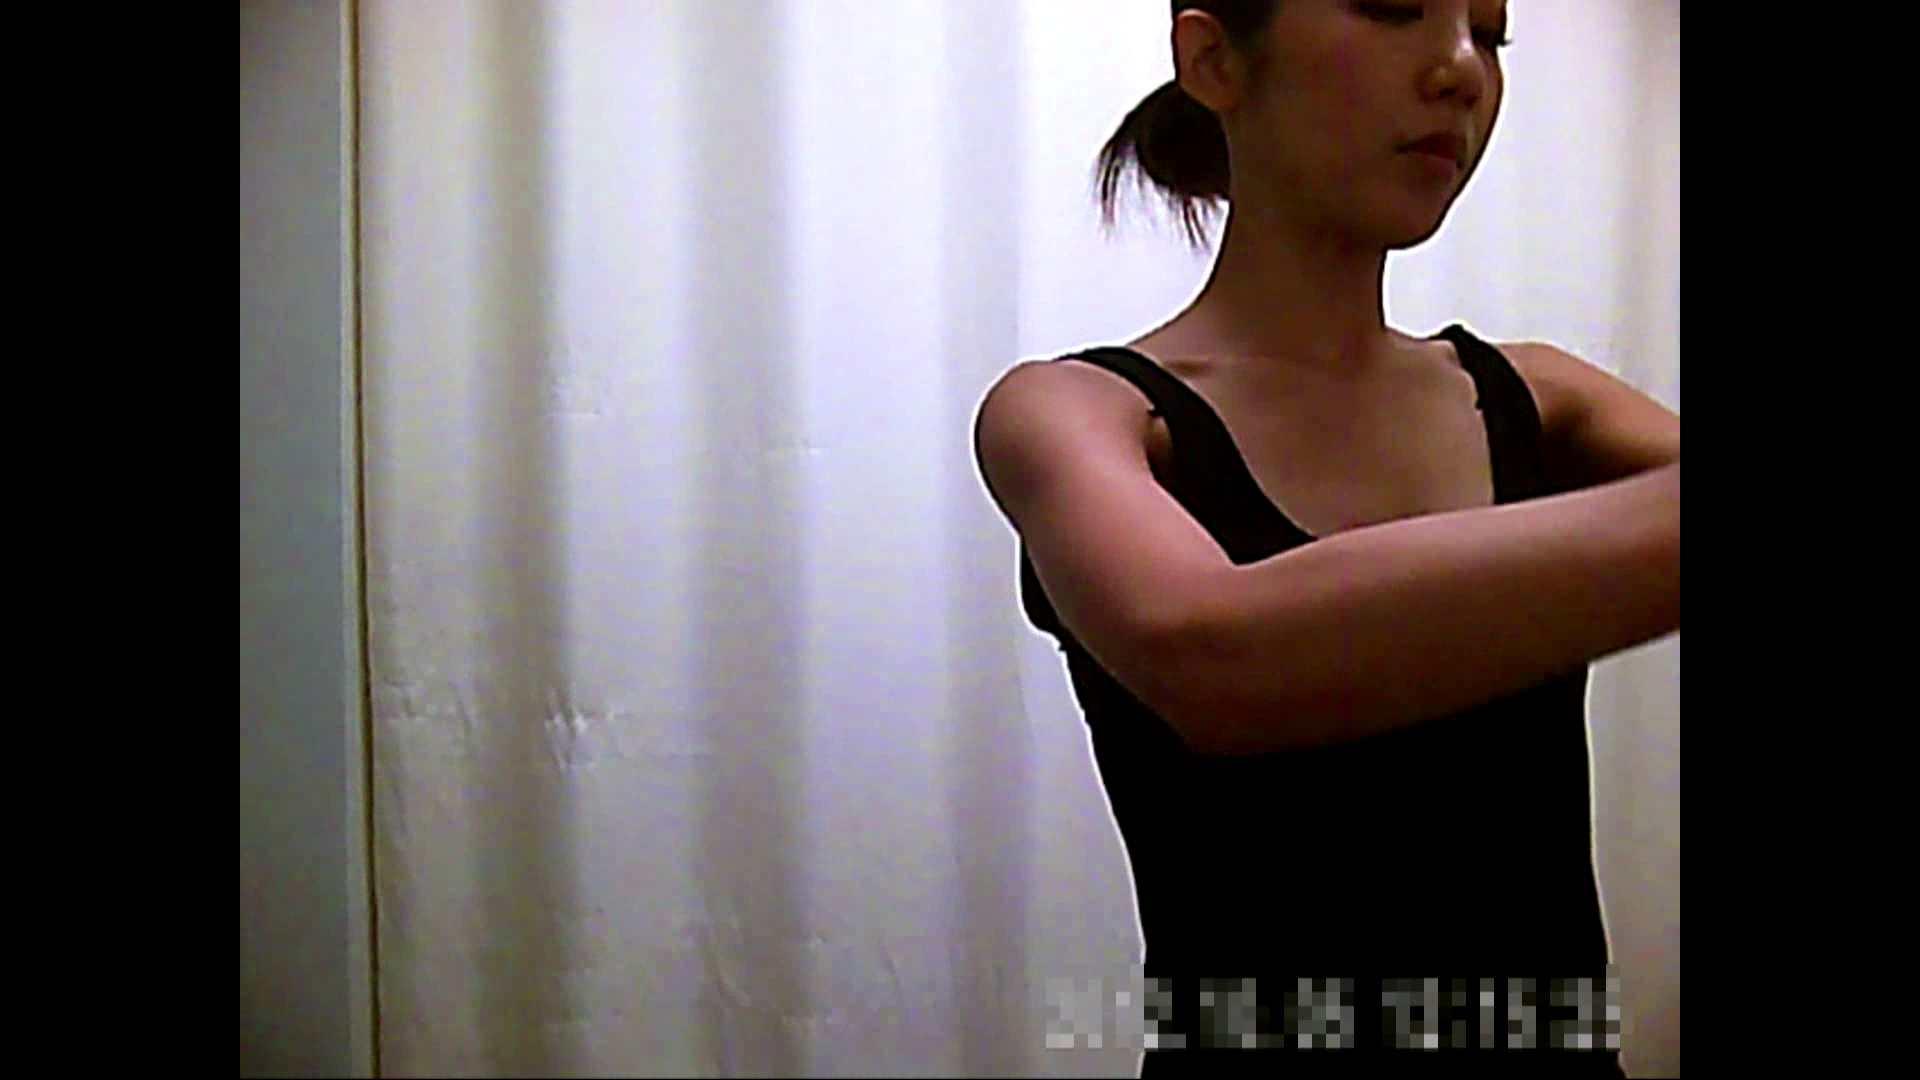 元医者による反抗 更衣室地獄絵巻 vol.067 OL女体  95連発 22